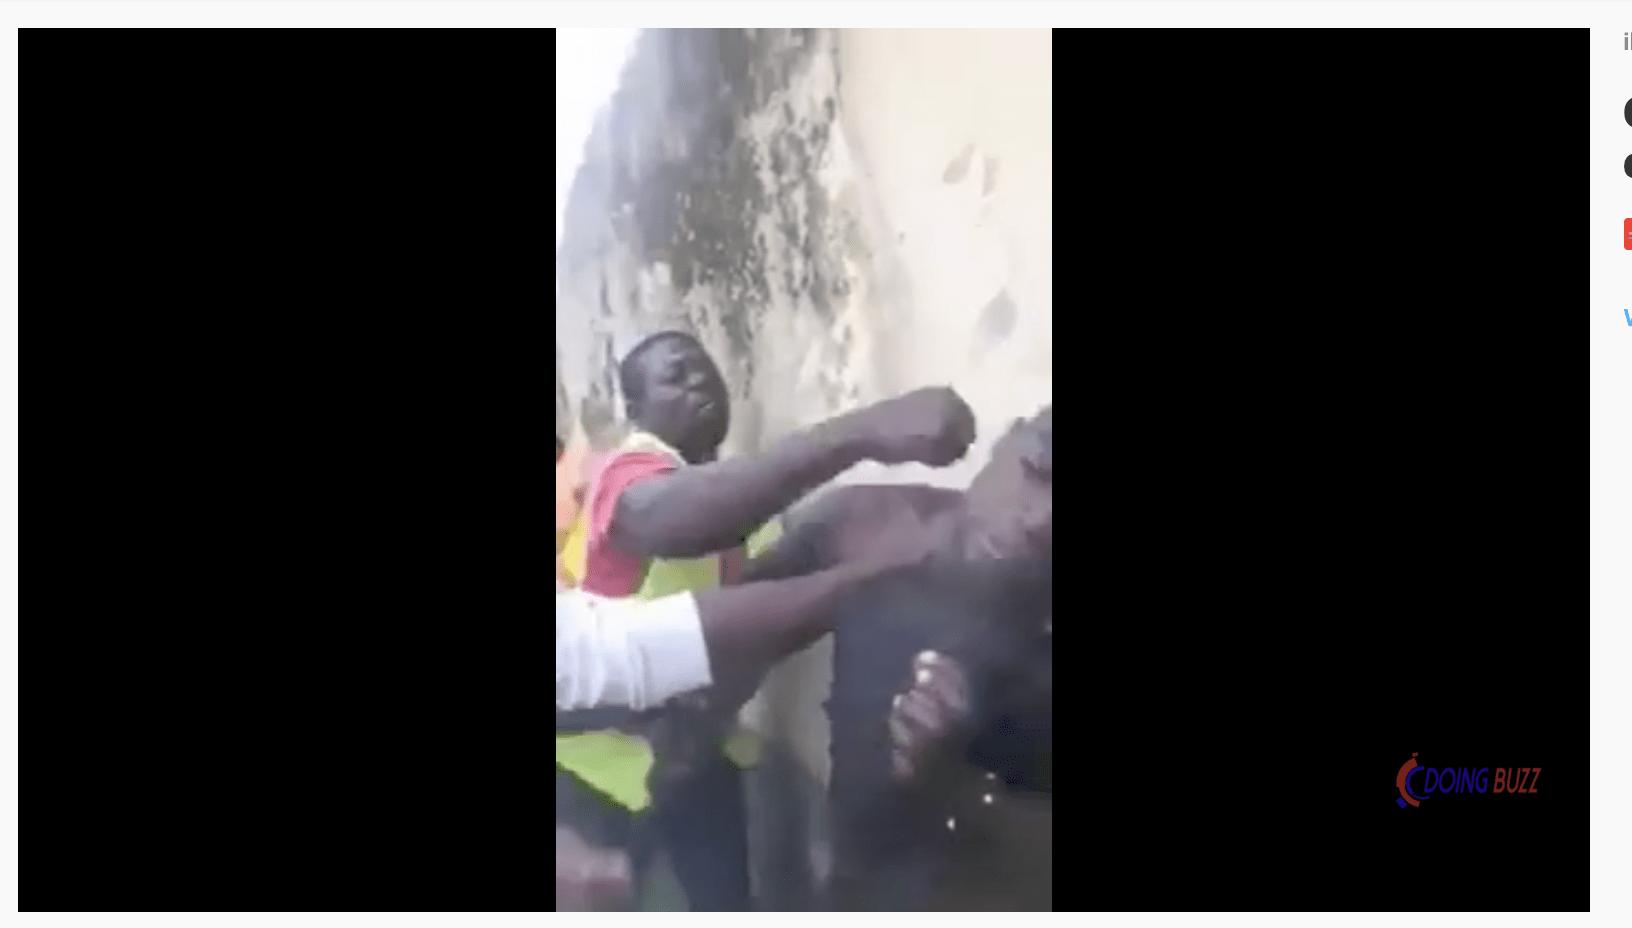 Cameroun : un homme arrêté pour avoir violé une enfant (vidéo)